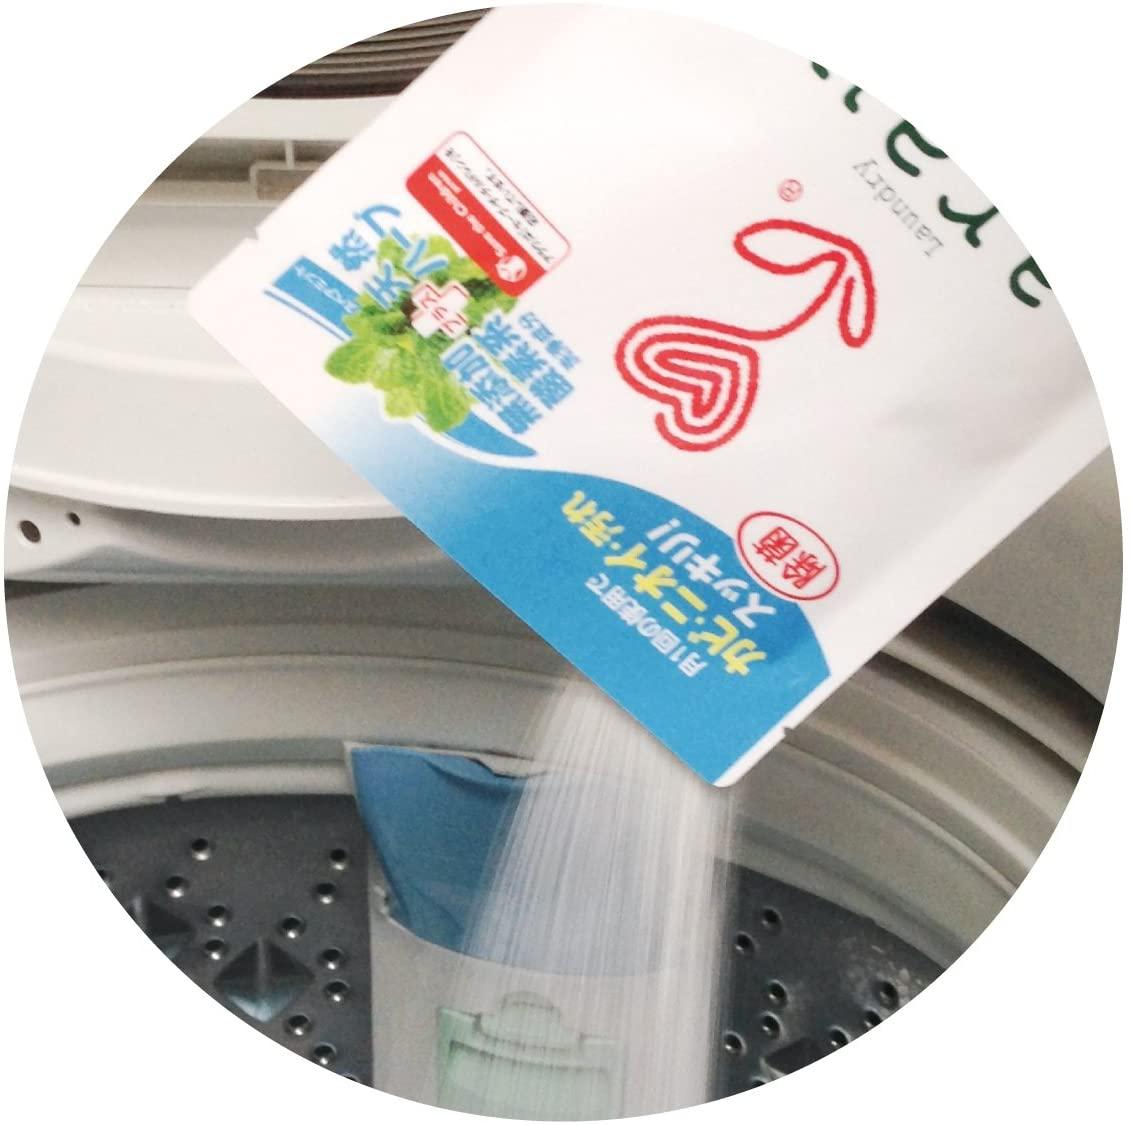 arau.(アラウ.)洗たく槽クリーナーの商品画像3